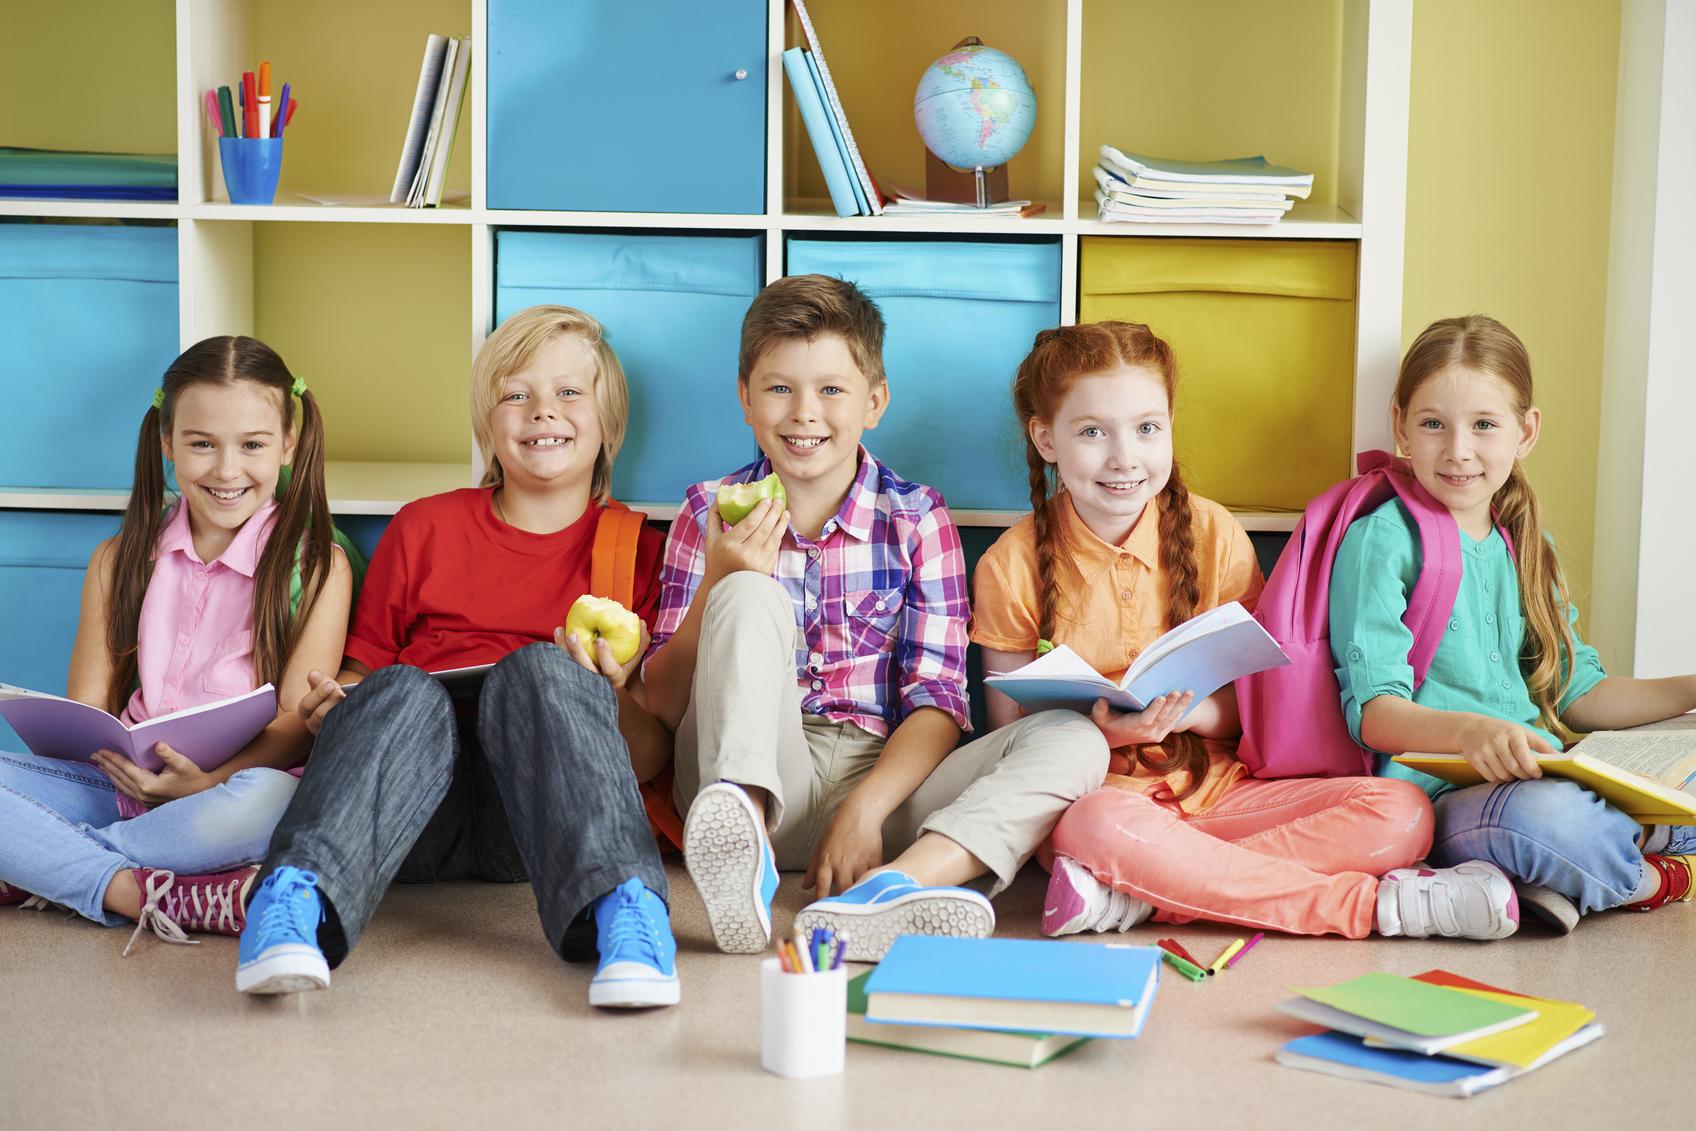 El temperamento de los niños en el colegio